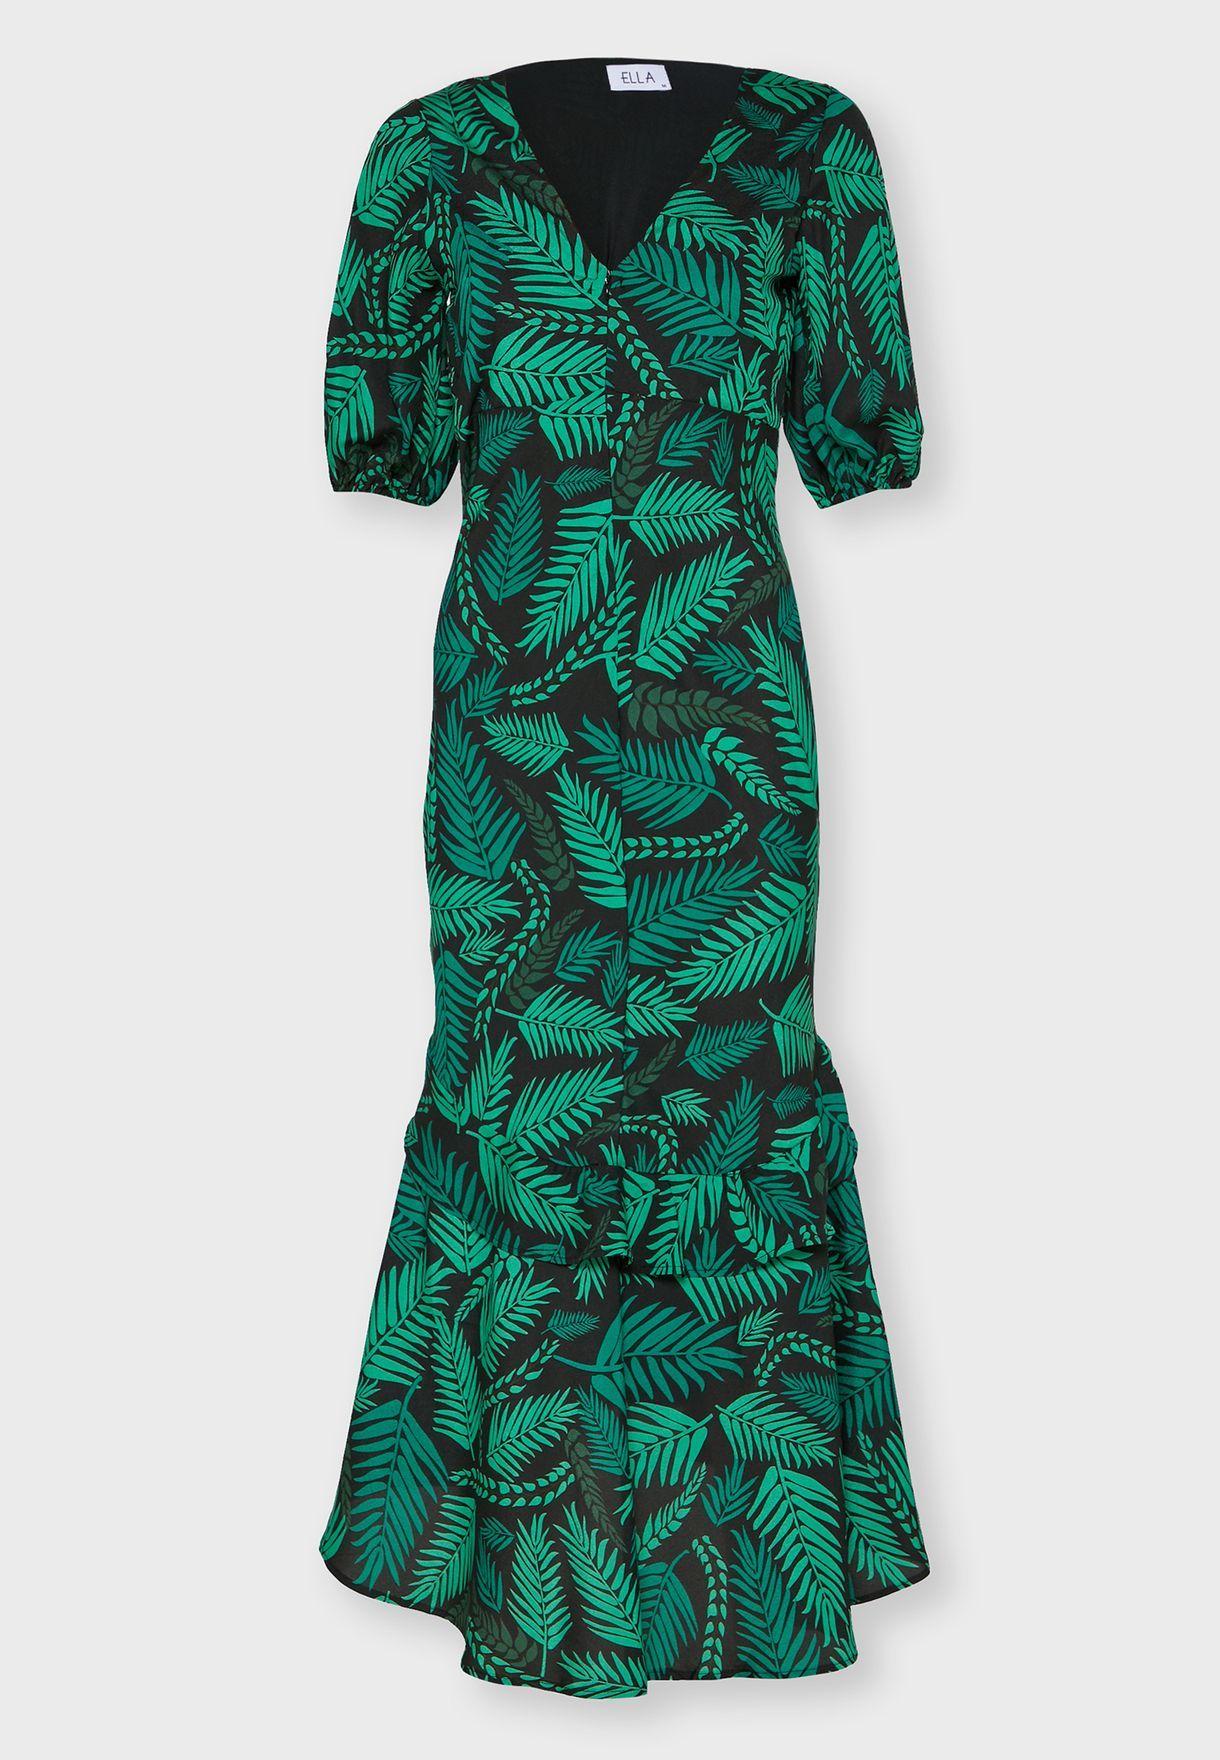 تسوق فستان مطبع باكمام منفوشة ماركة ايلا لون طبعات في في الخليج وفي جميع انحاء العالم Clt2020465 Plunge Neck Midi Dress Ella Print Wrap Dress